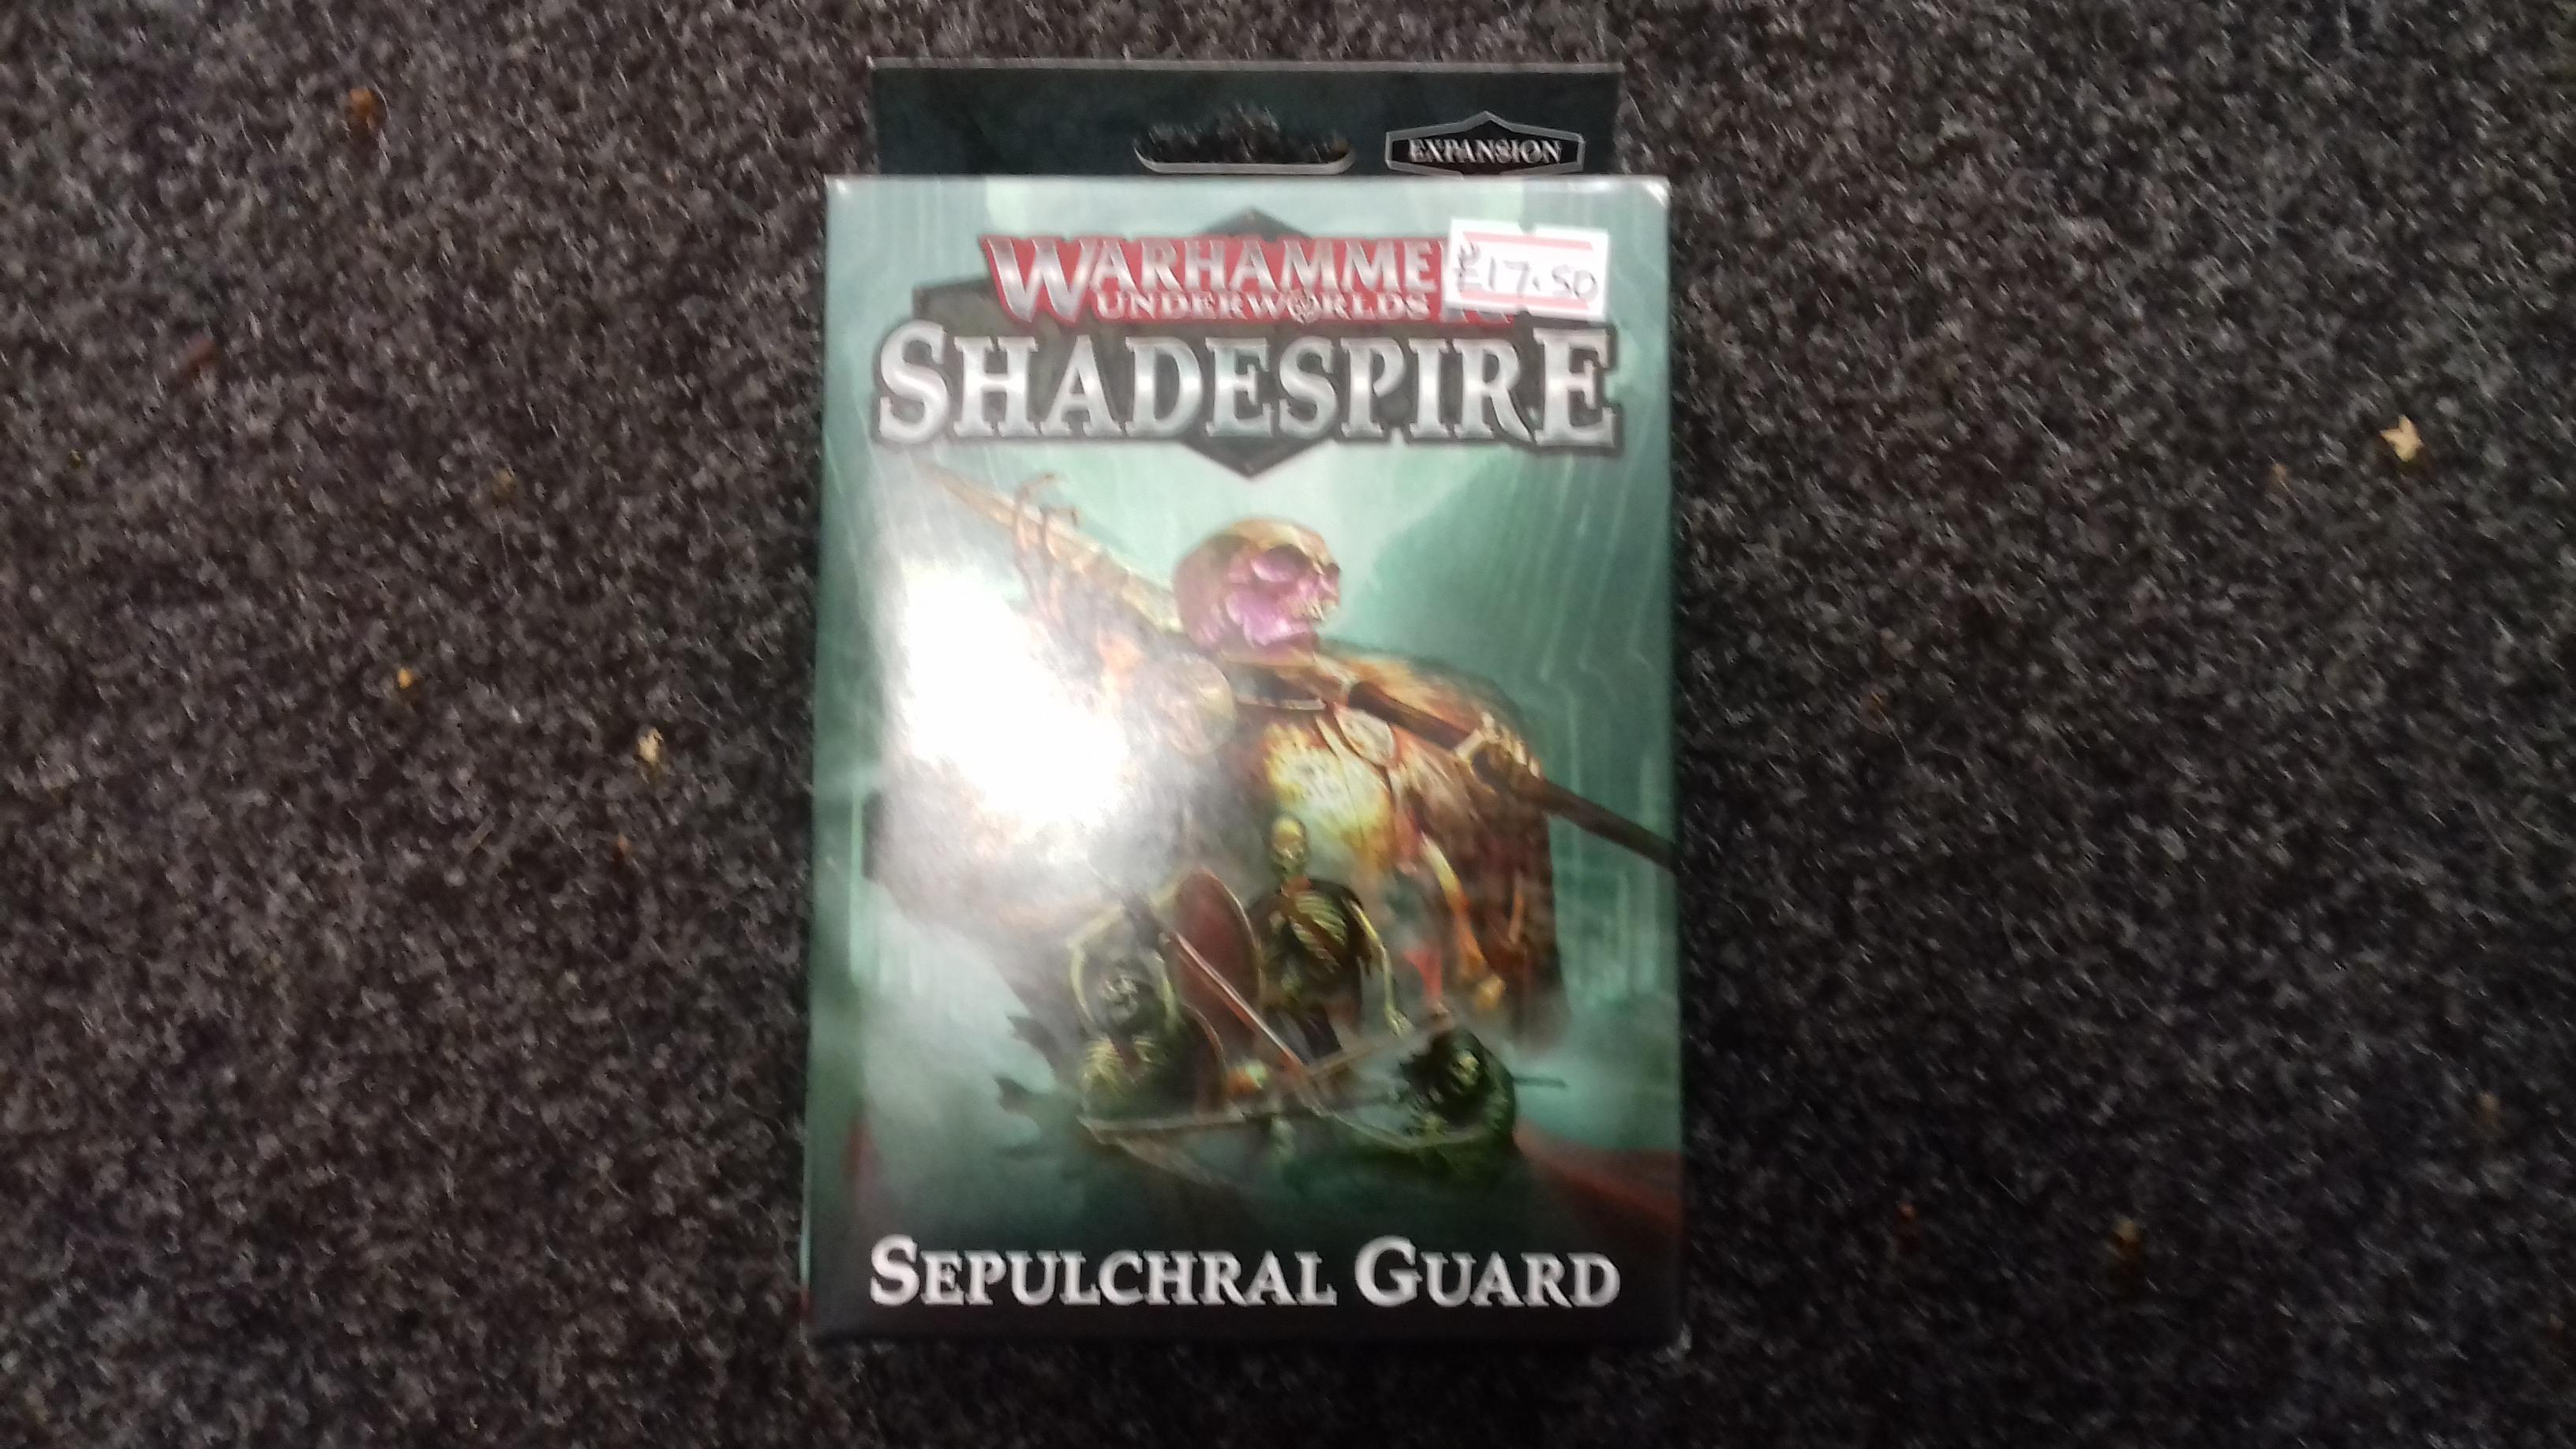 Warhammer Underworlds: Shadespire: Sepulchral Guard